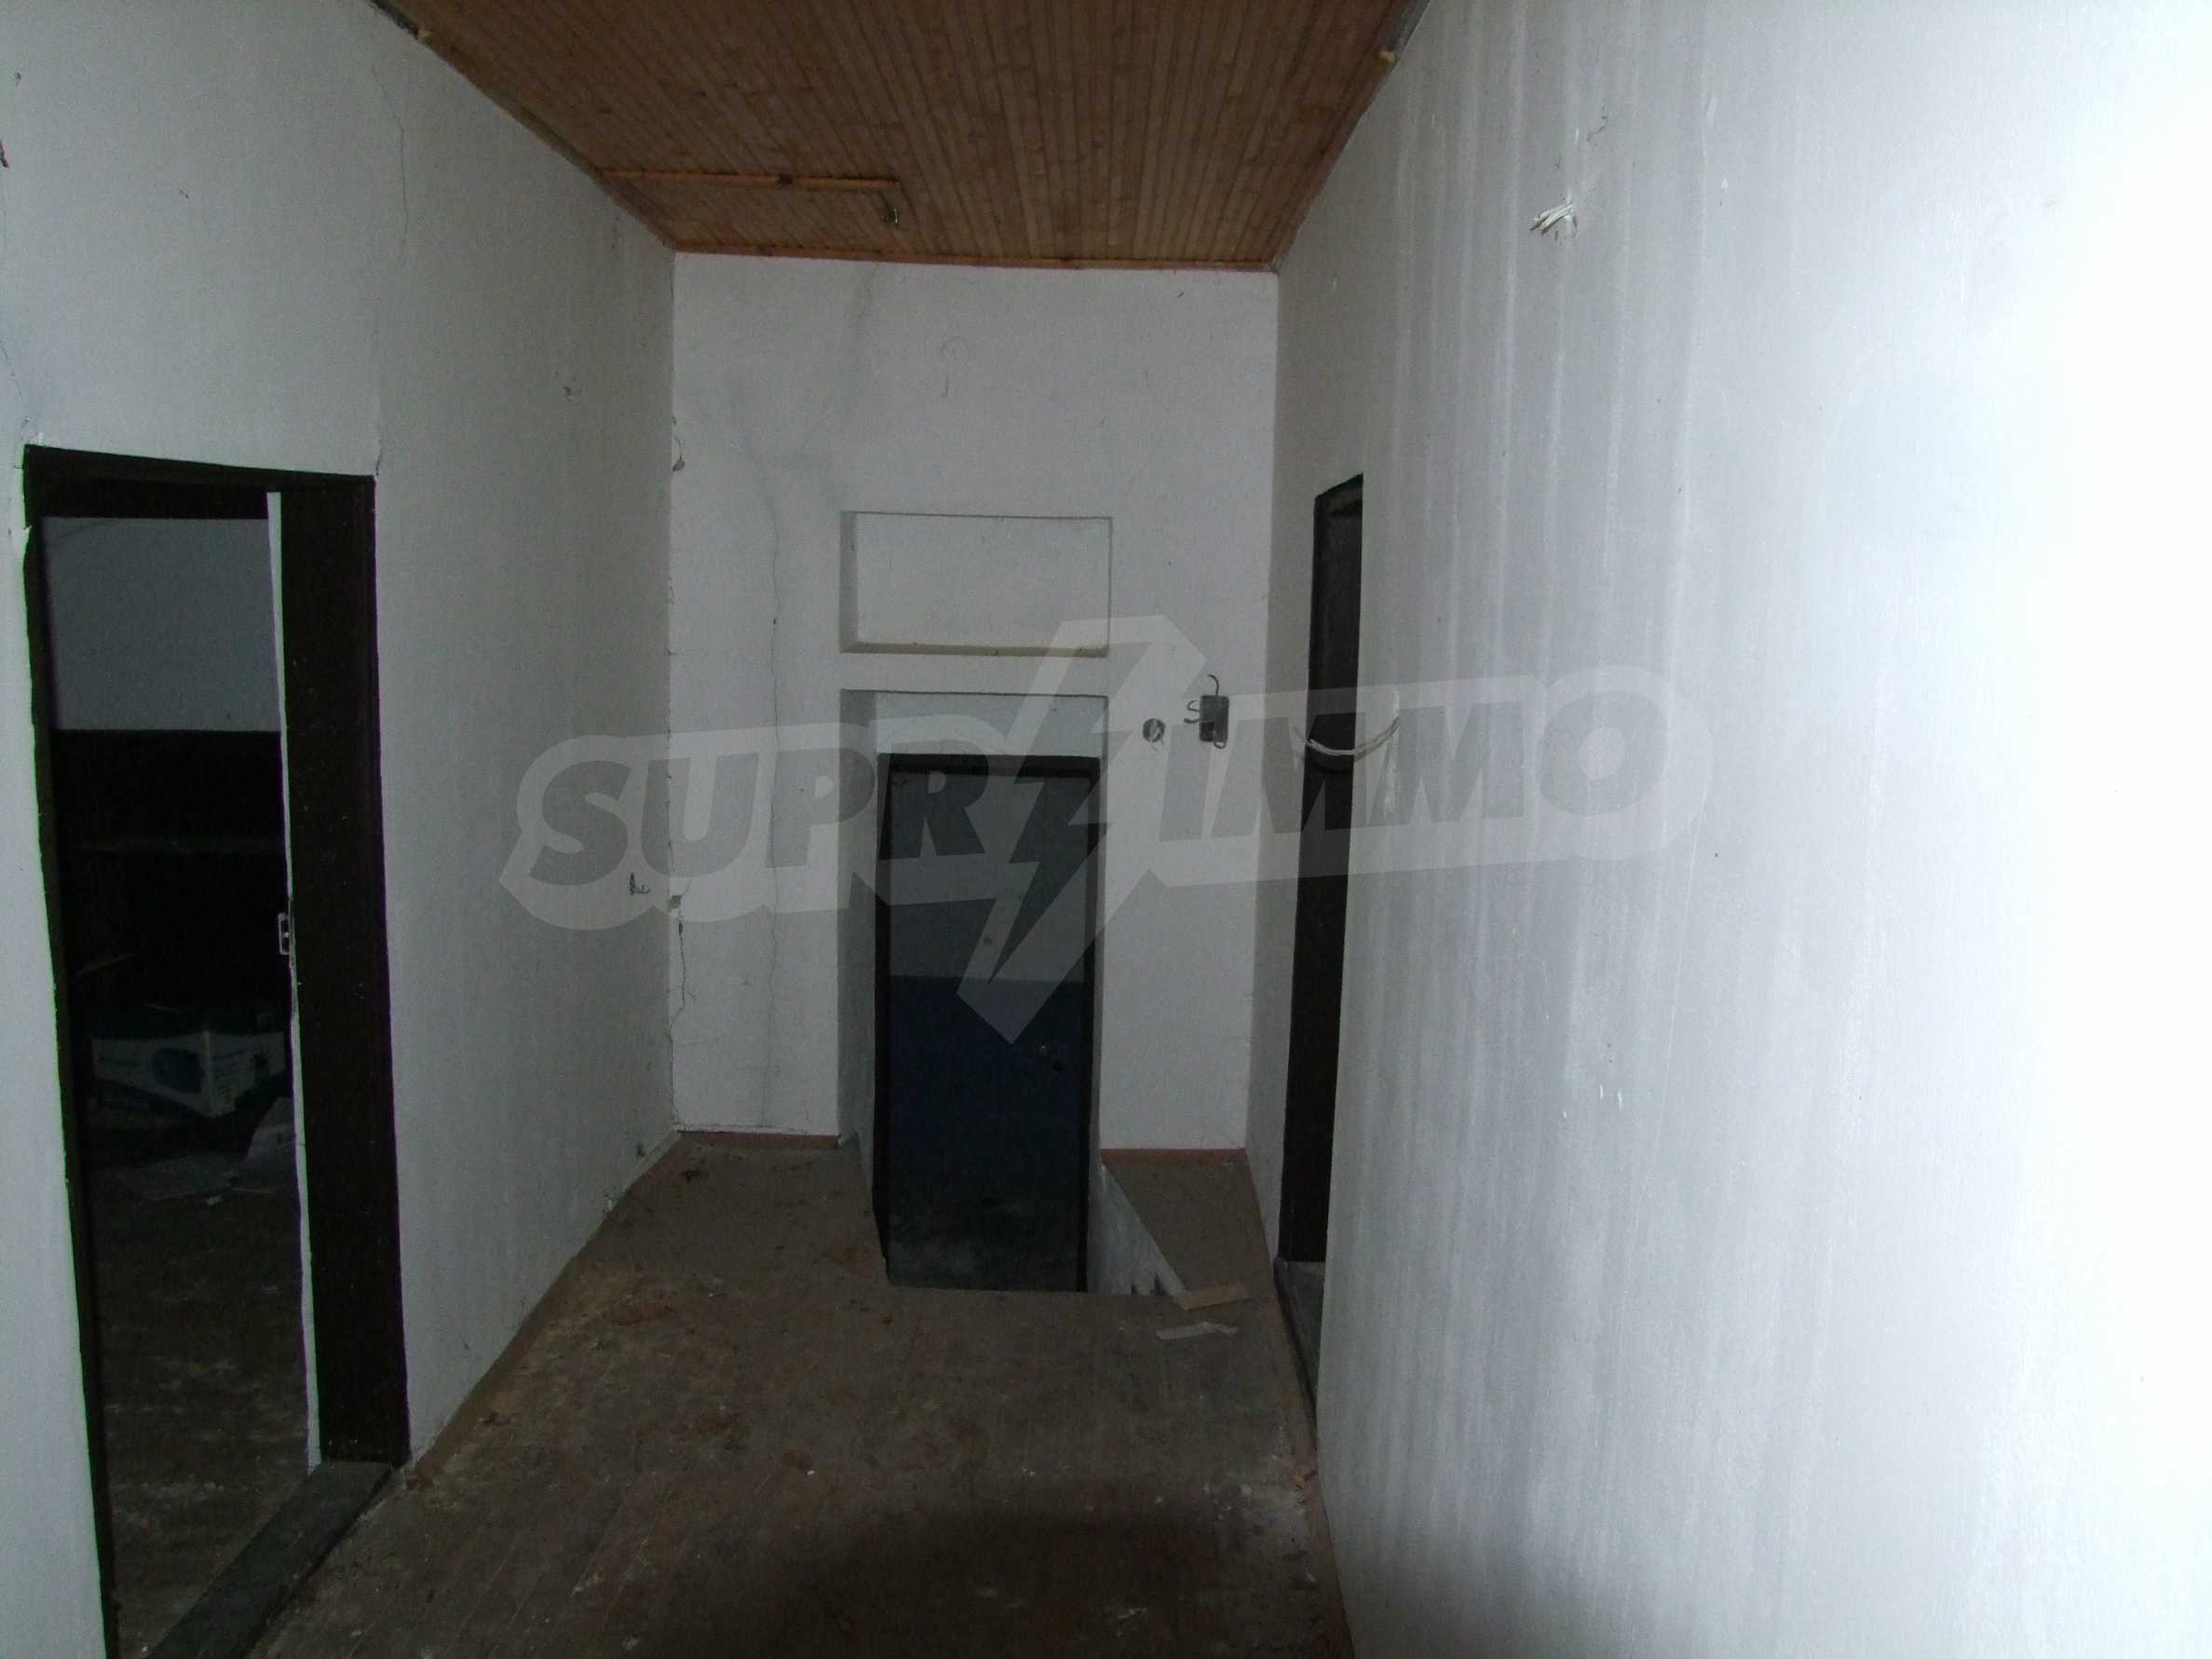 Къща за продажба близо до гр. Велико Търново  26